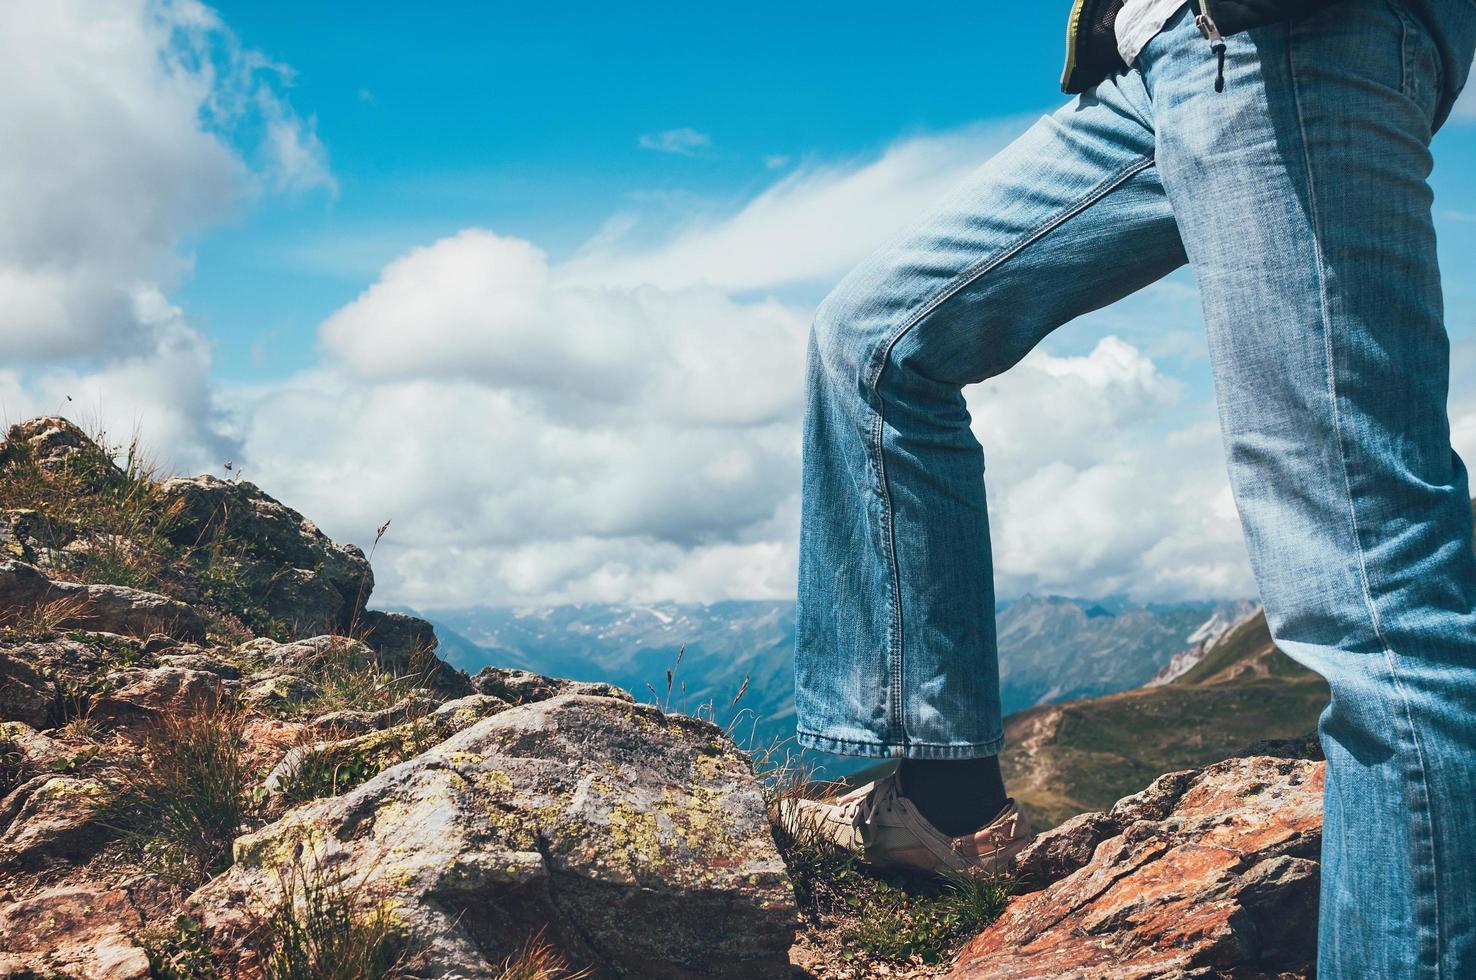 gambe di uomo in piedi sulla cima di una scogliera foto